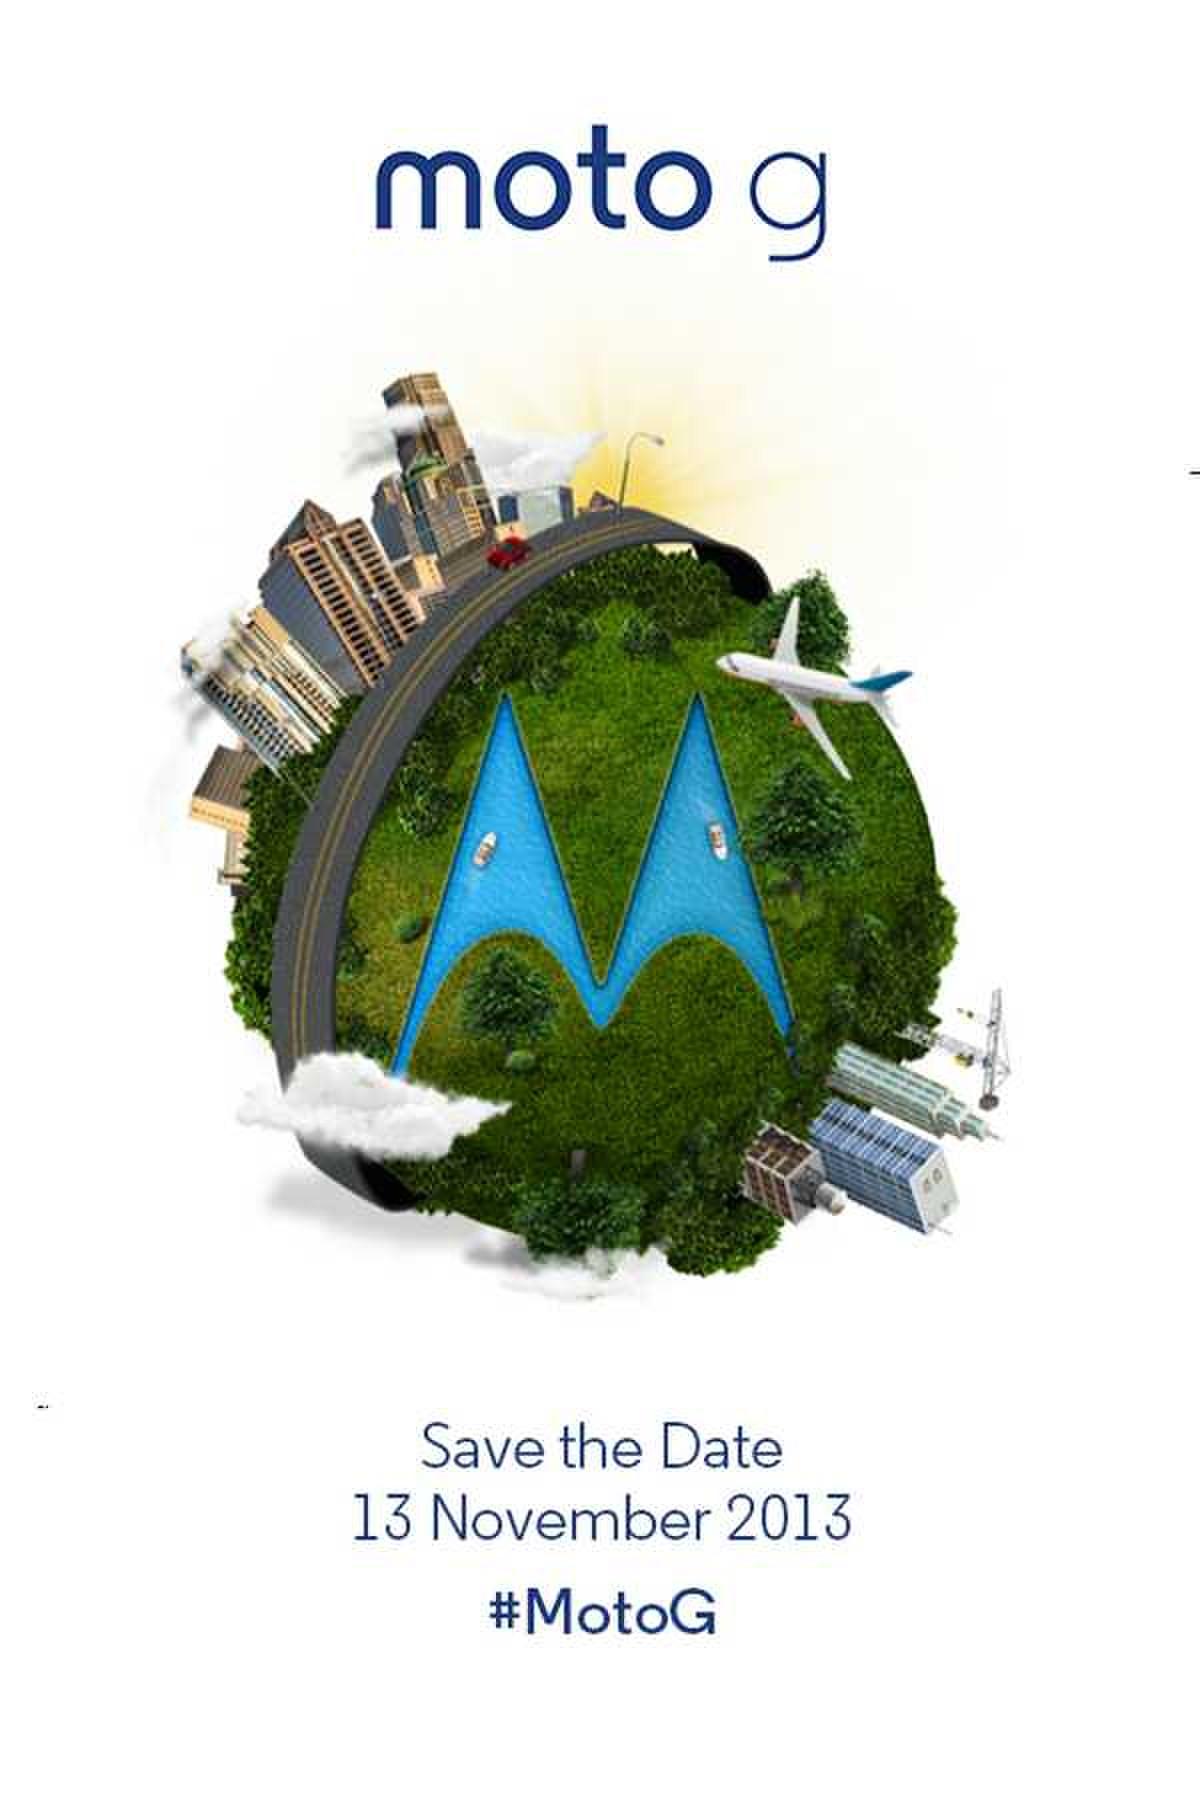 摩托罗拉将在2013年11月13日发布MOTO G